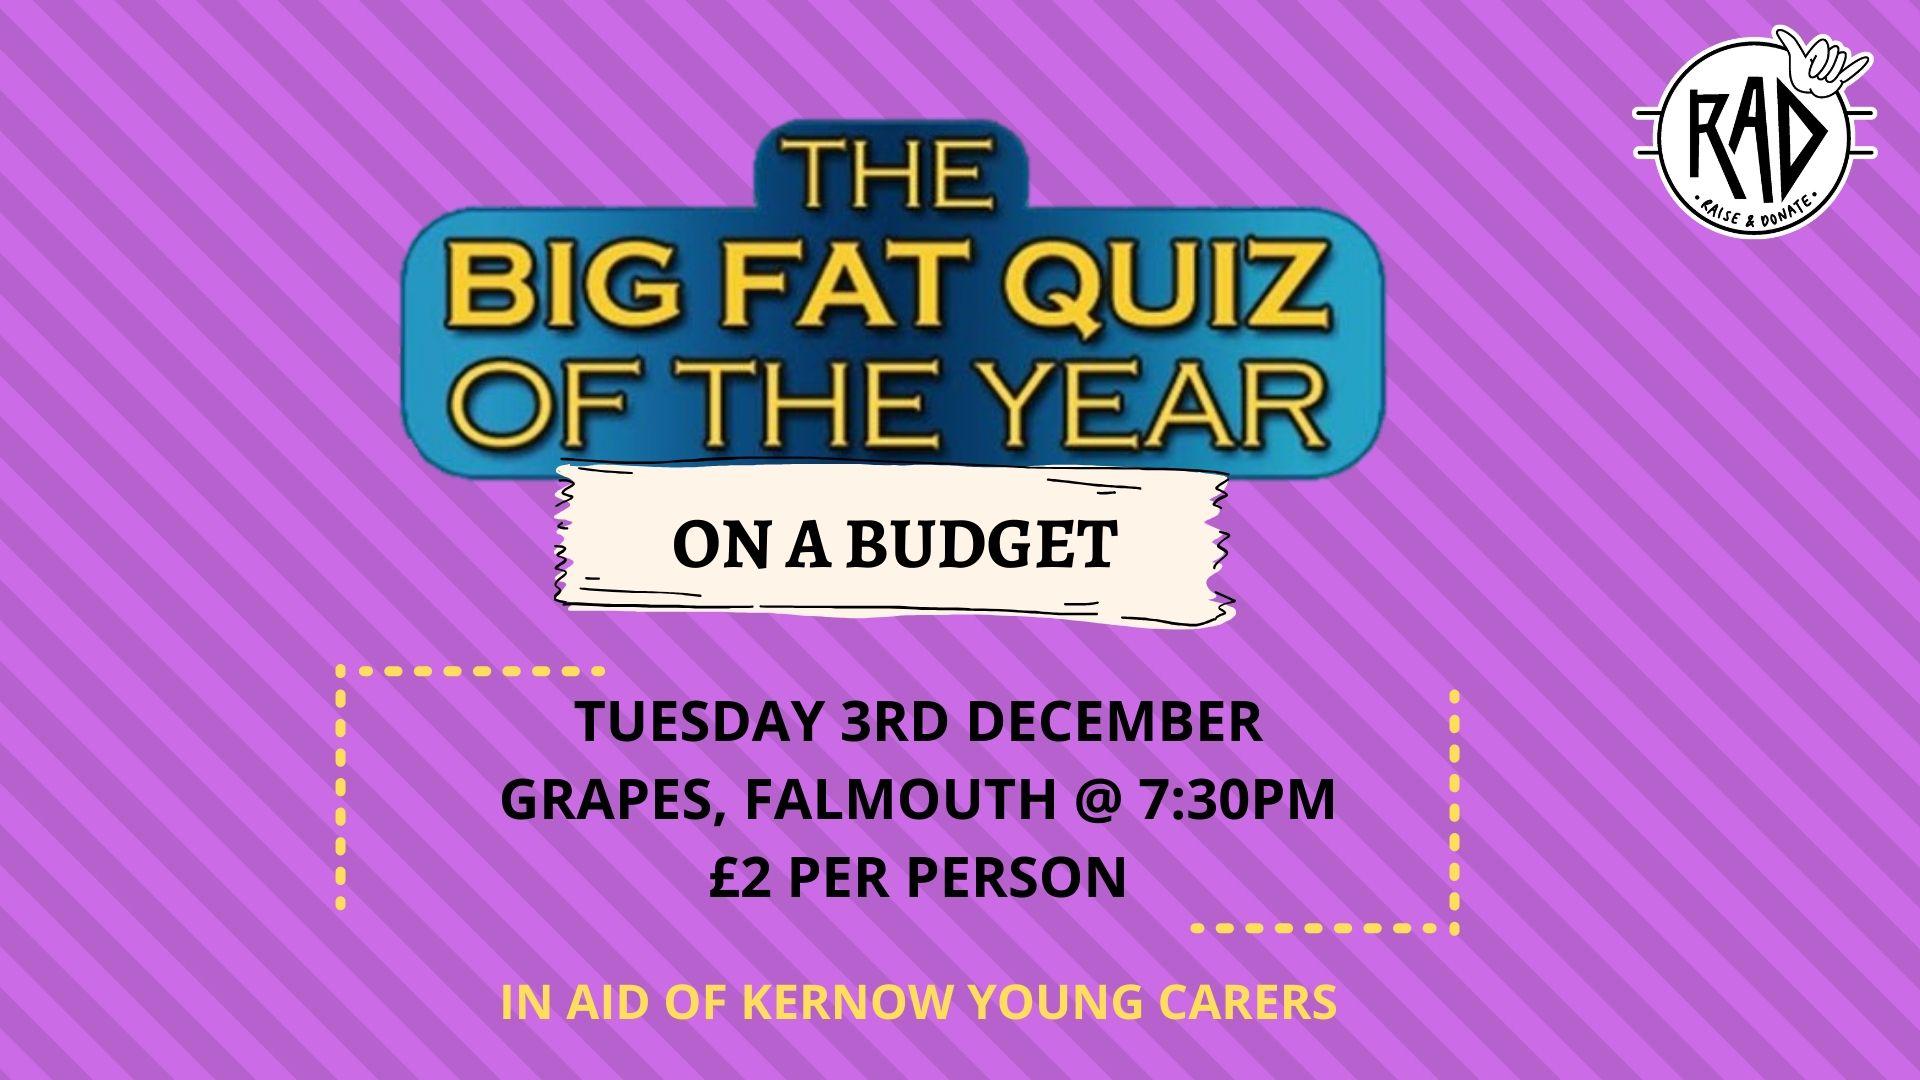 Quiz 3rd Dec Grapes Fal 7:30PM £2 pp